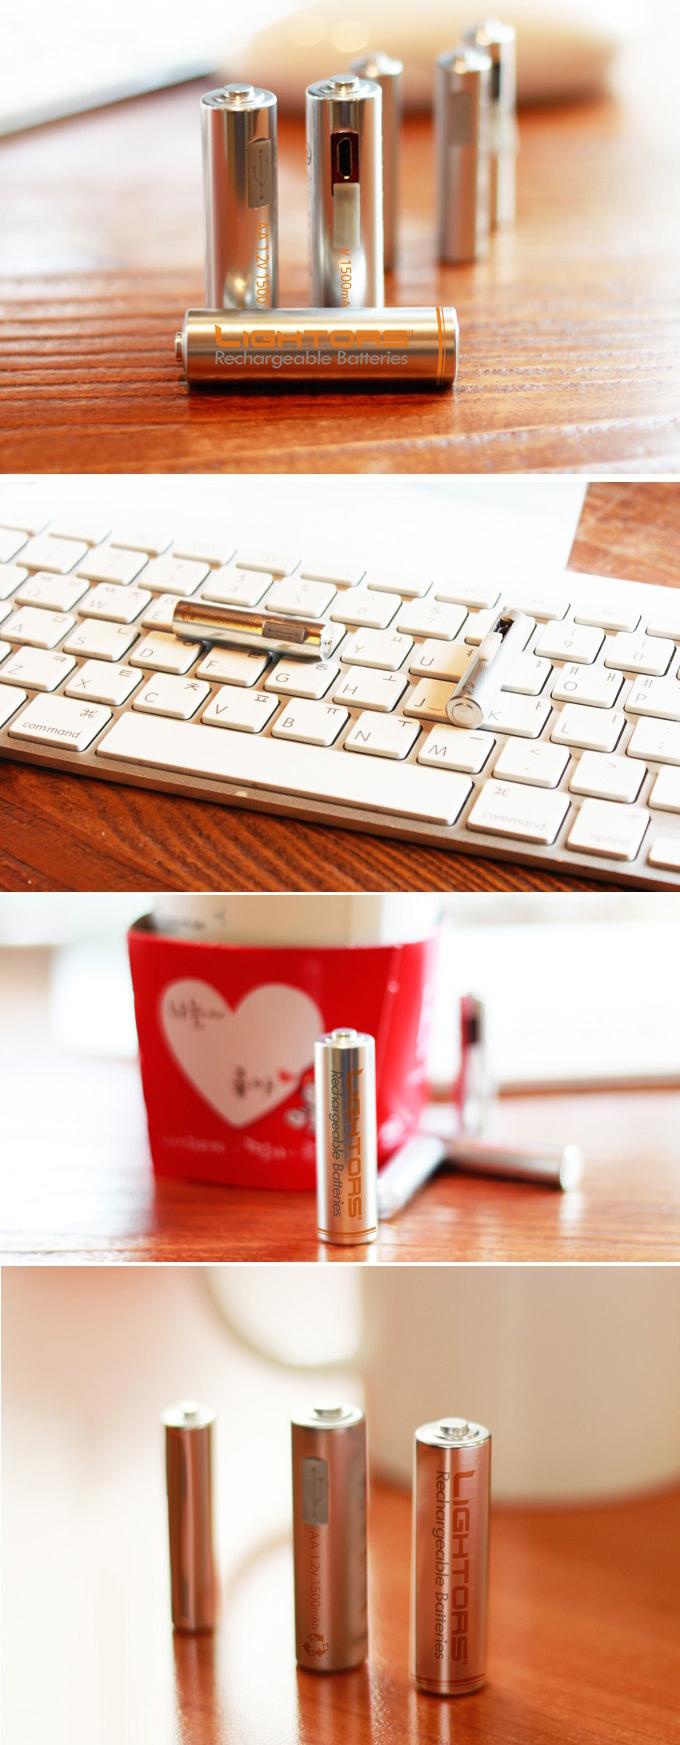 Lightors USB Rechargeable Batteries